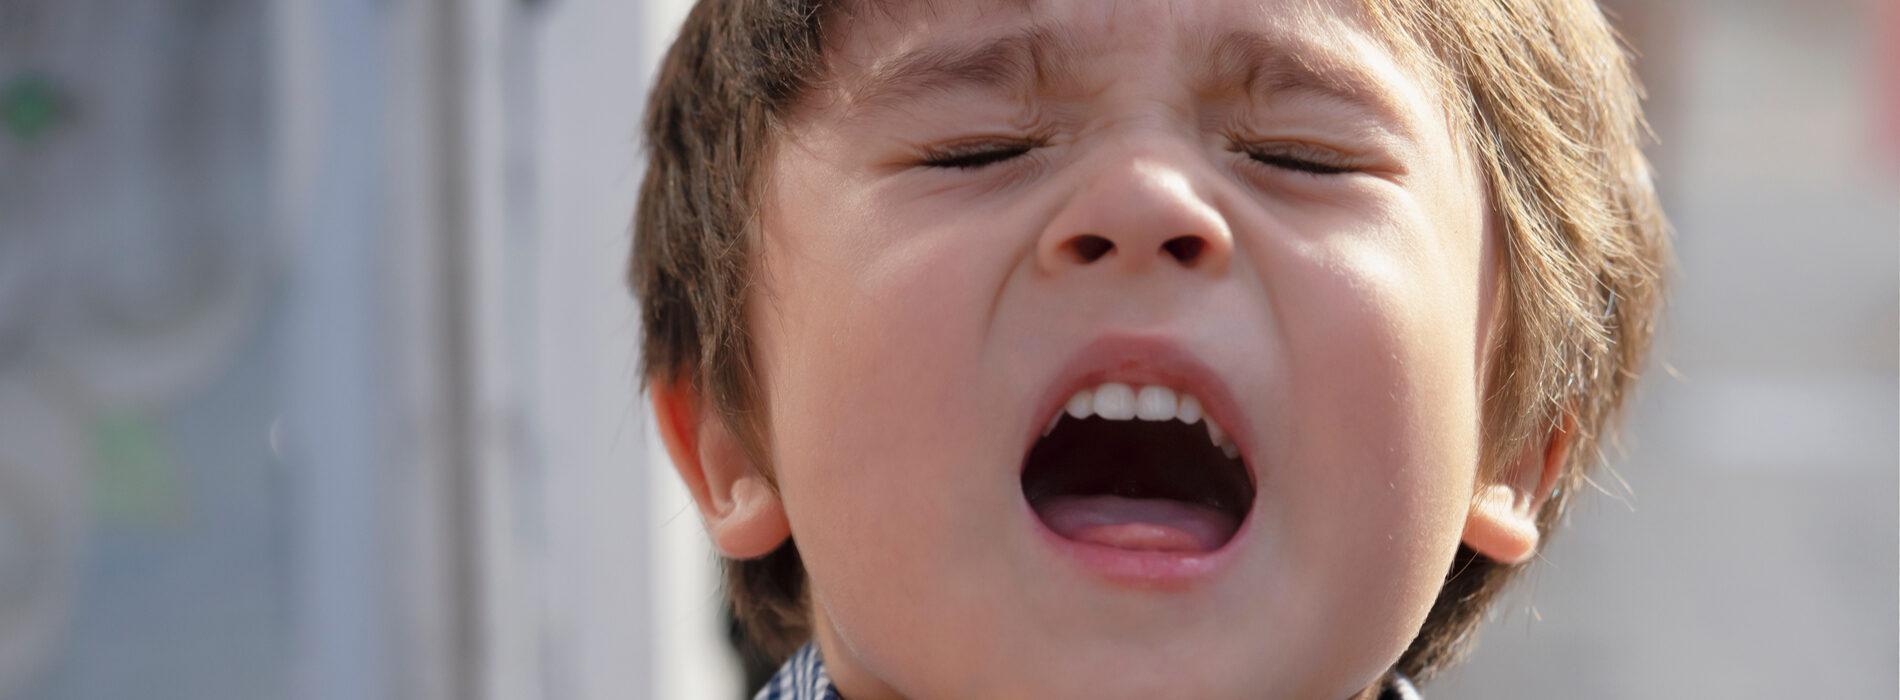 Allergies in children & how to get help